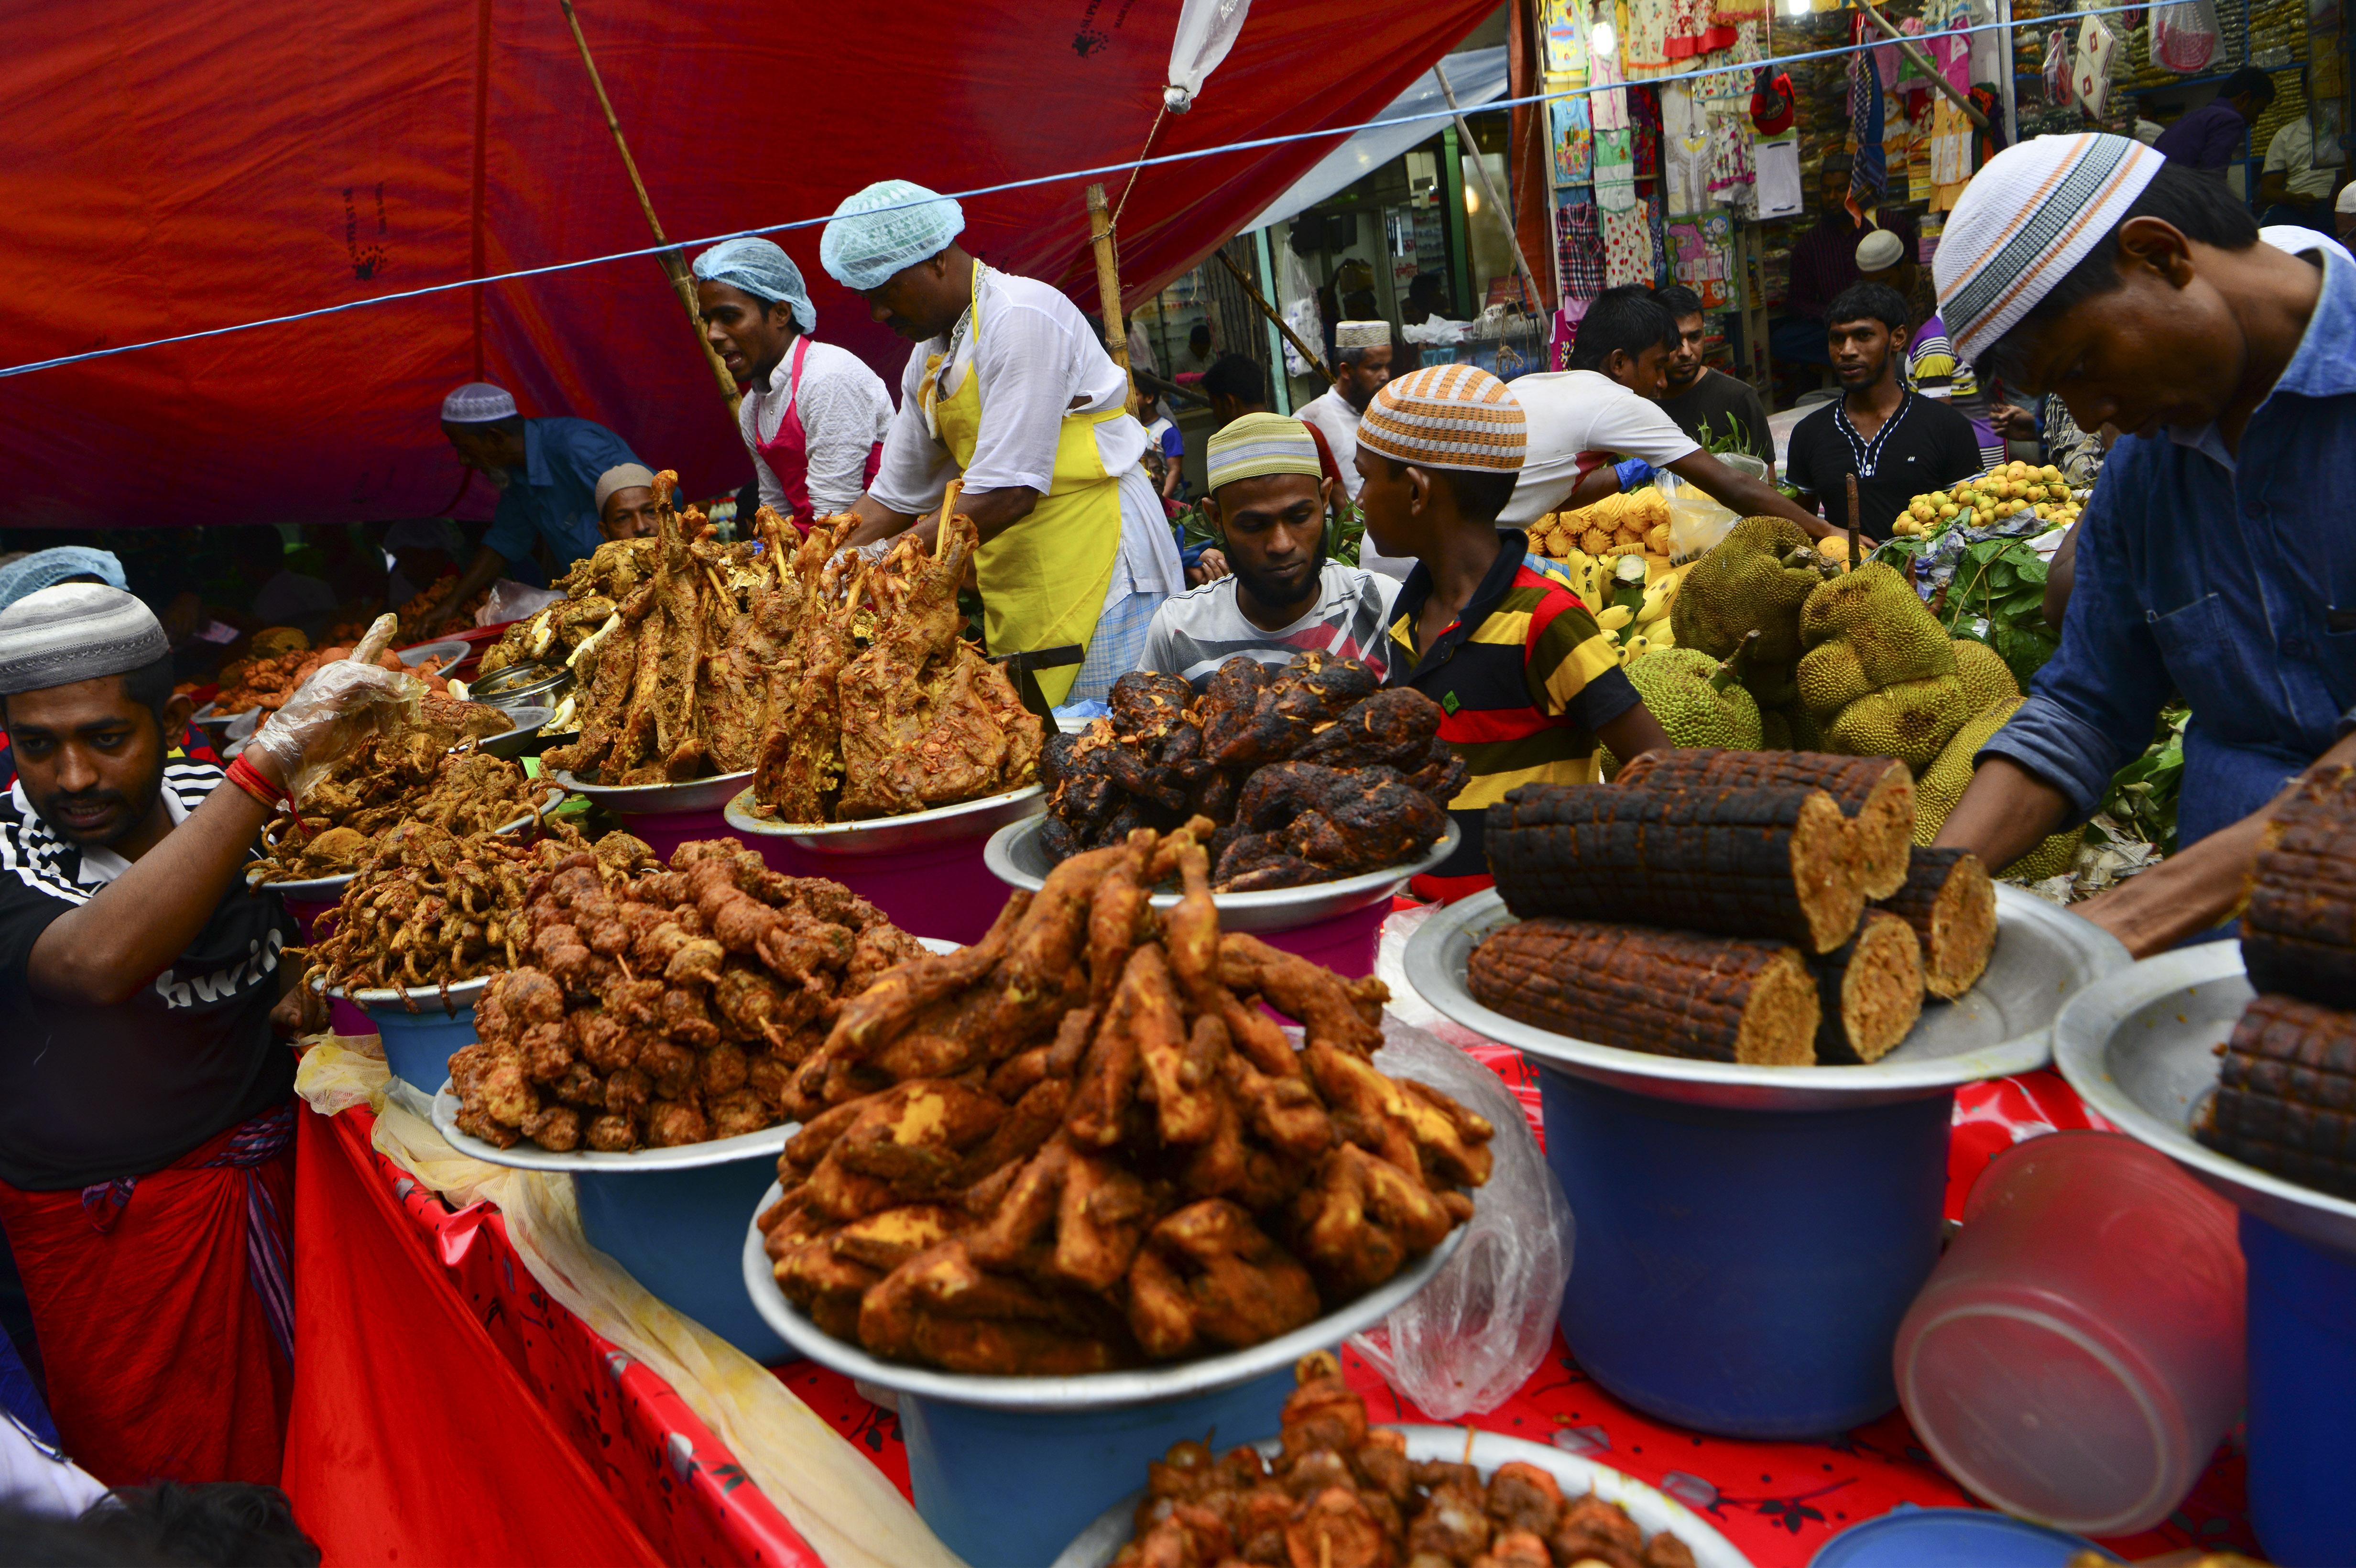 باعة من بنغلاديش يبيعون وجبات الإفطار